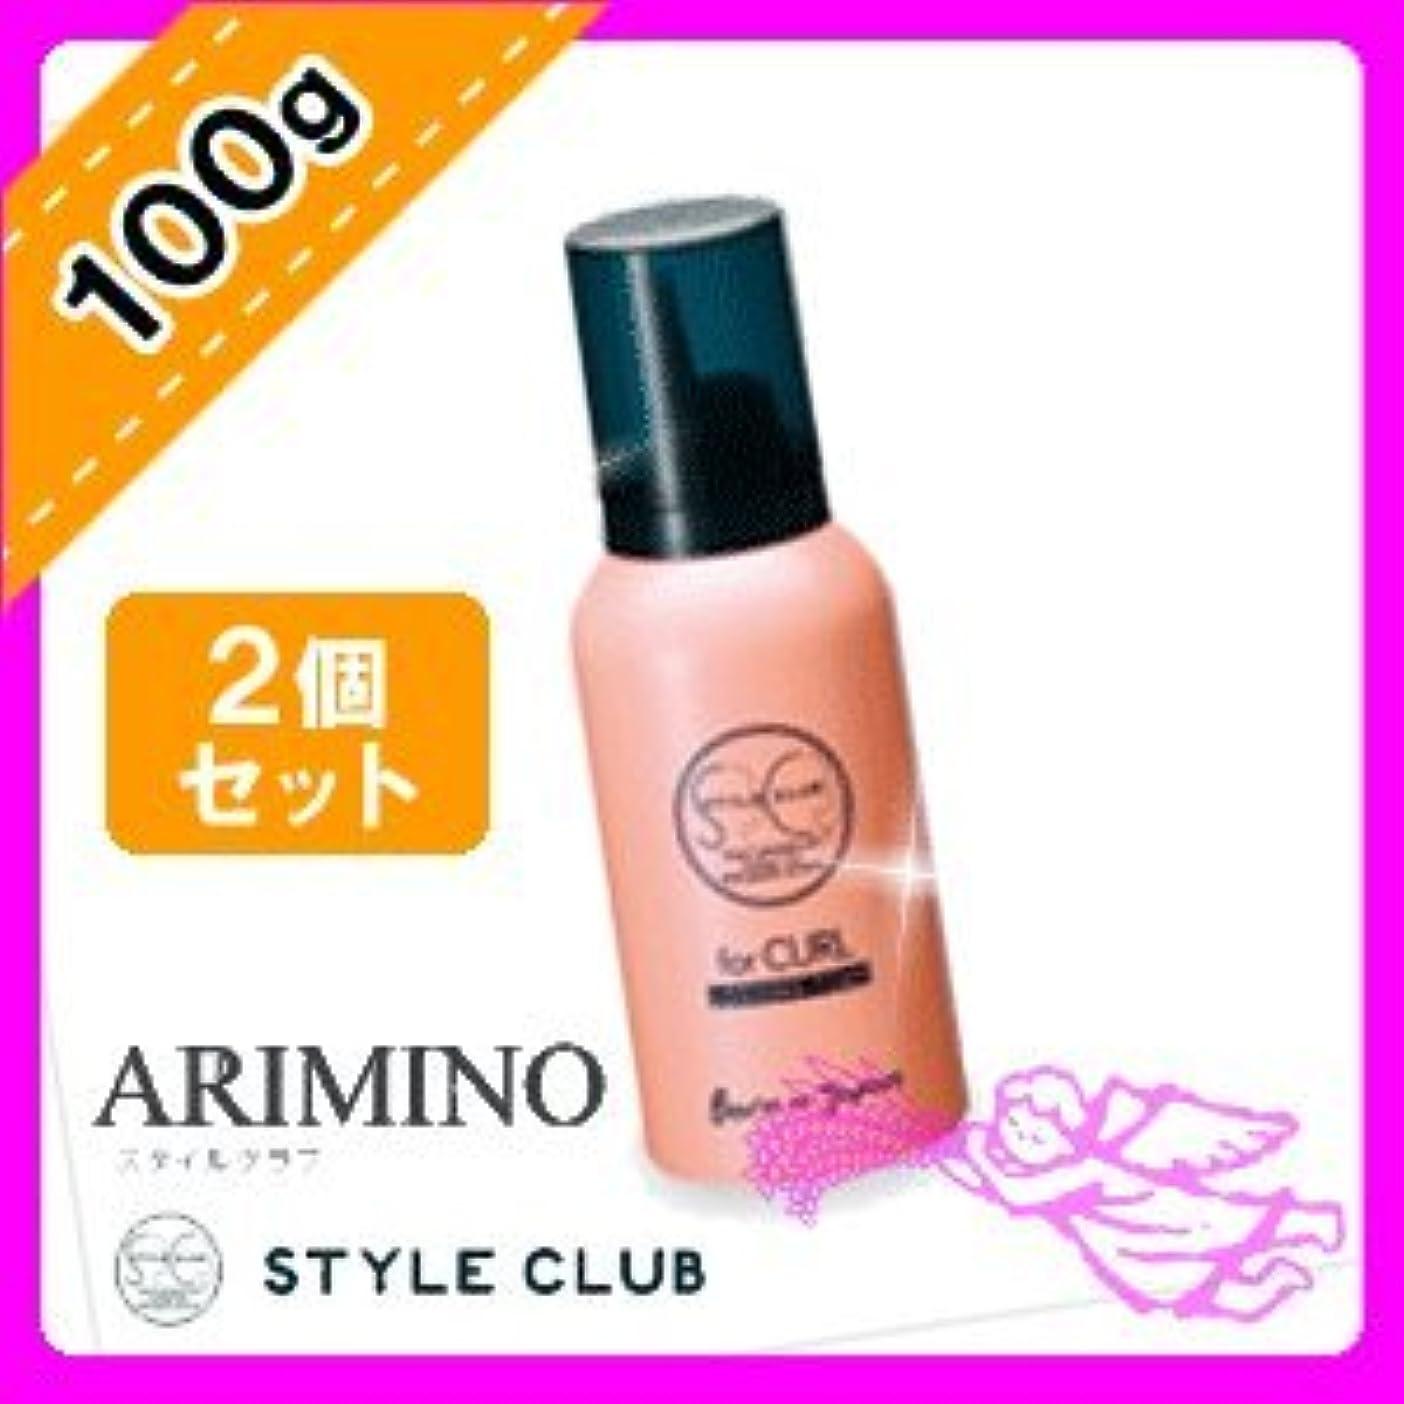 ステートメント指令翻訳するアリミノ スタイルクラブ ルージングフォーム 100g ×2個 セット